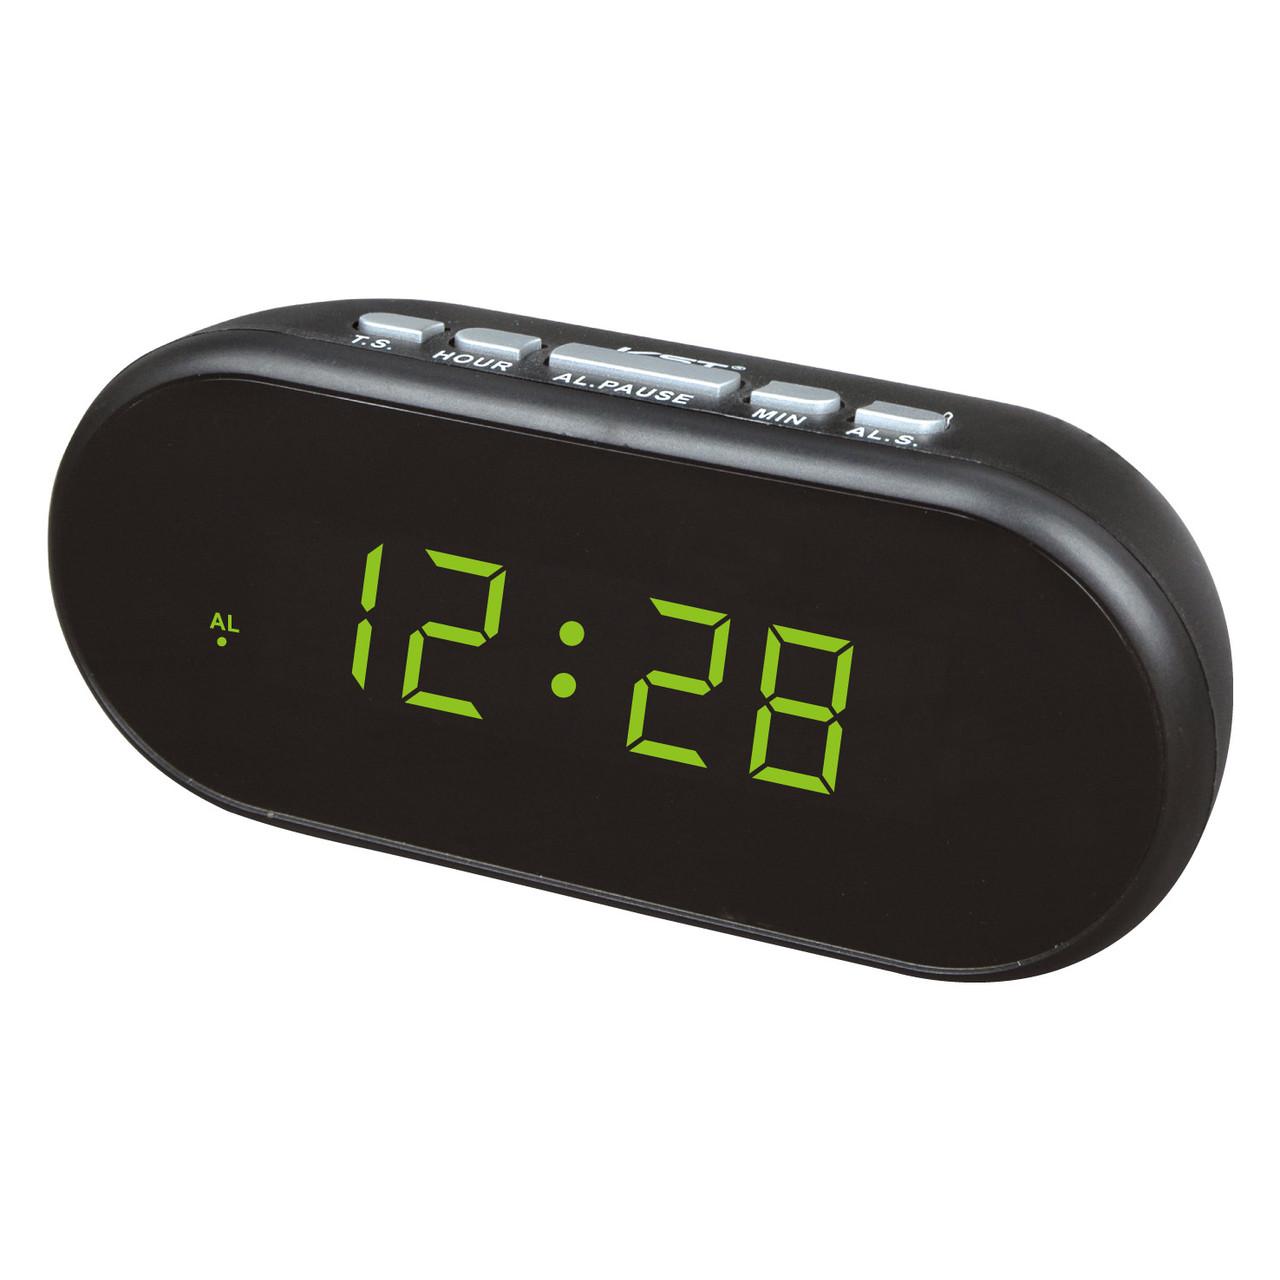 Часы настольные с будильником vst-712-2, зеленая подсветка времени, питание от сети + 2 х ааа